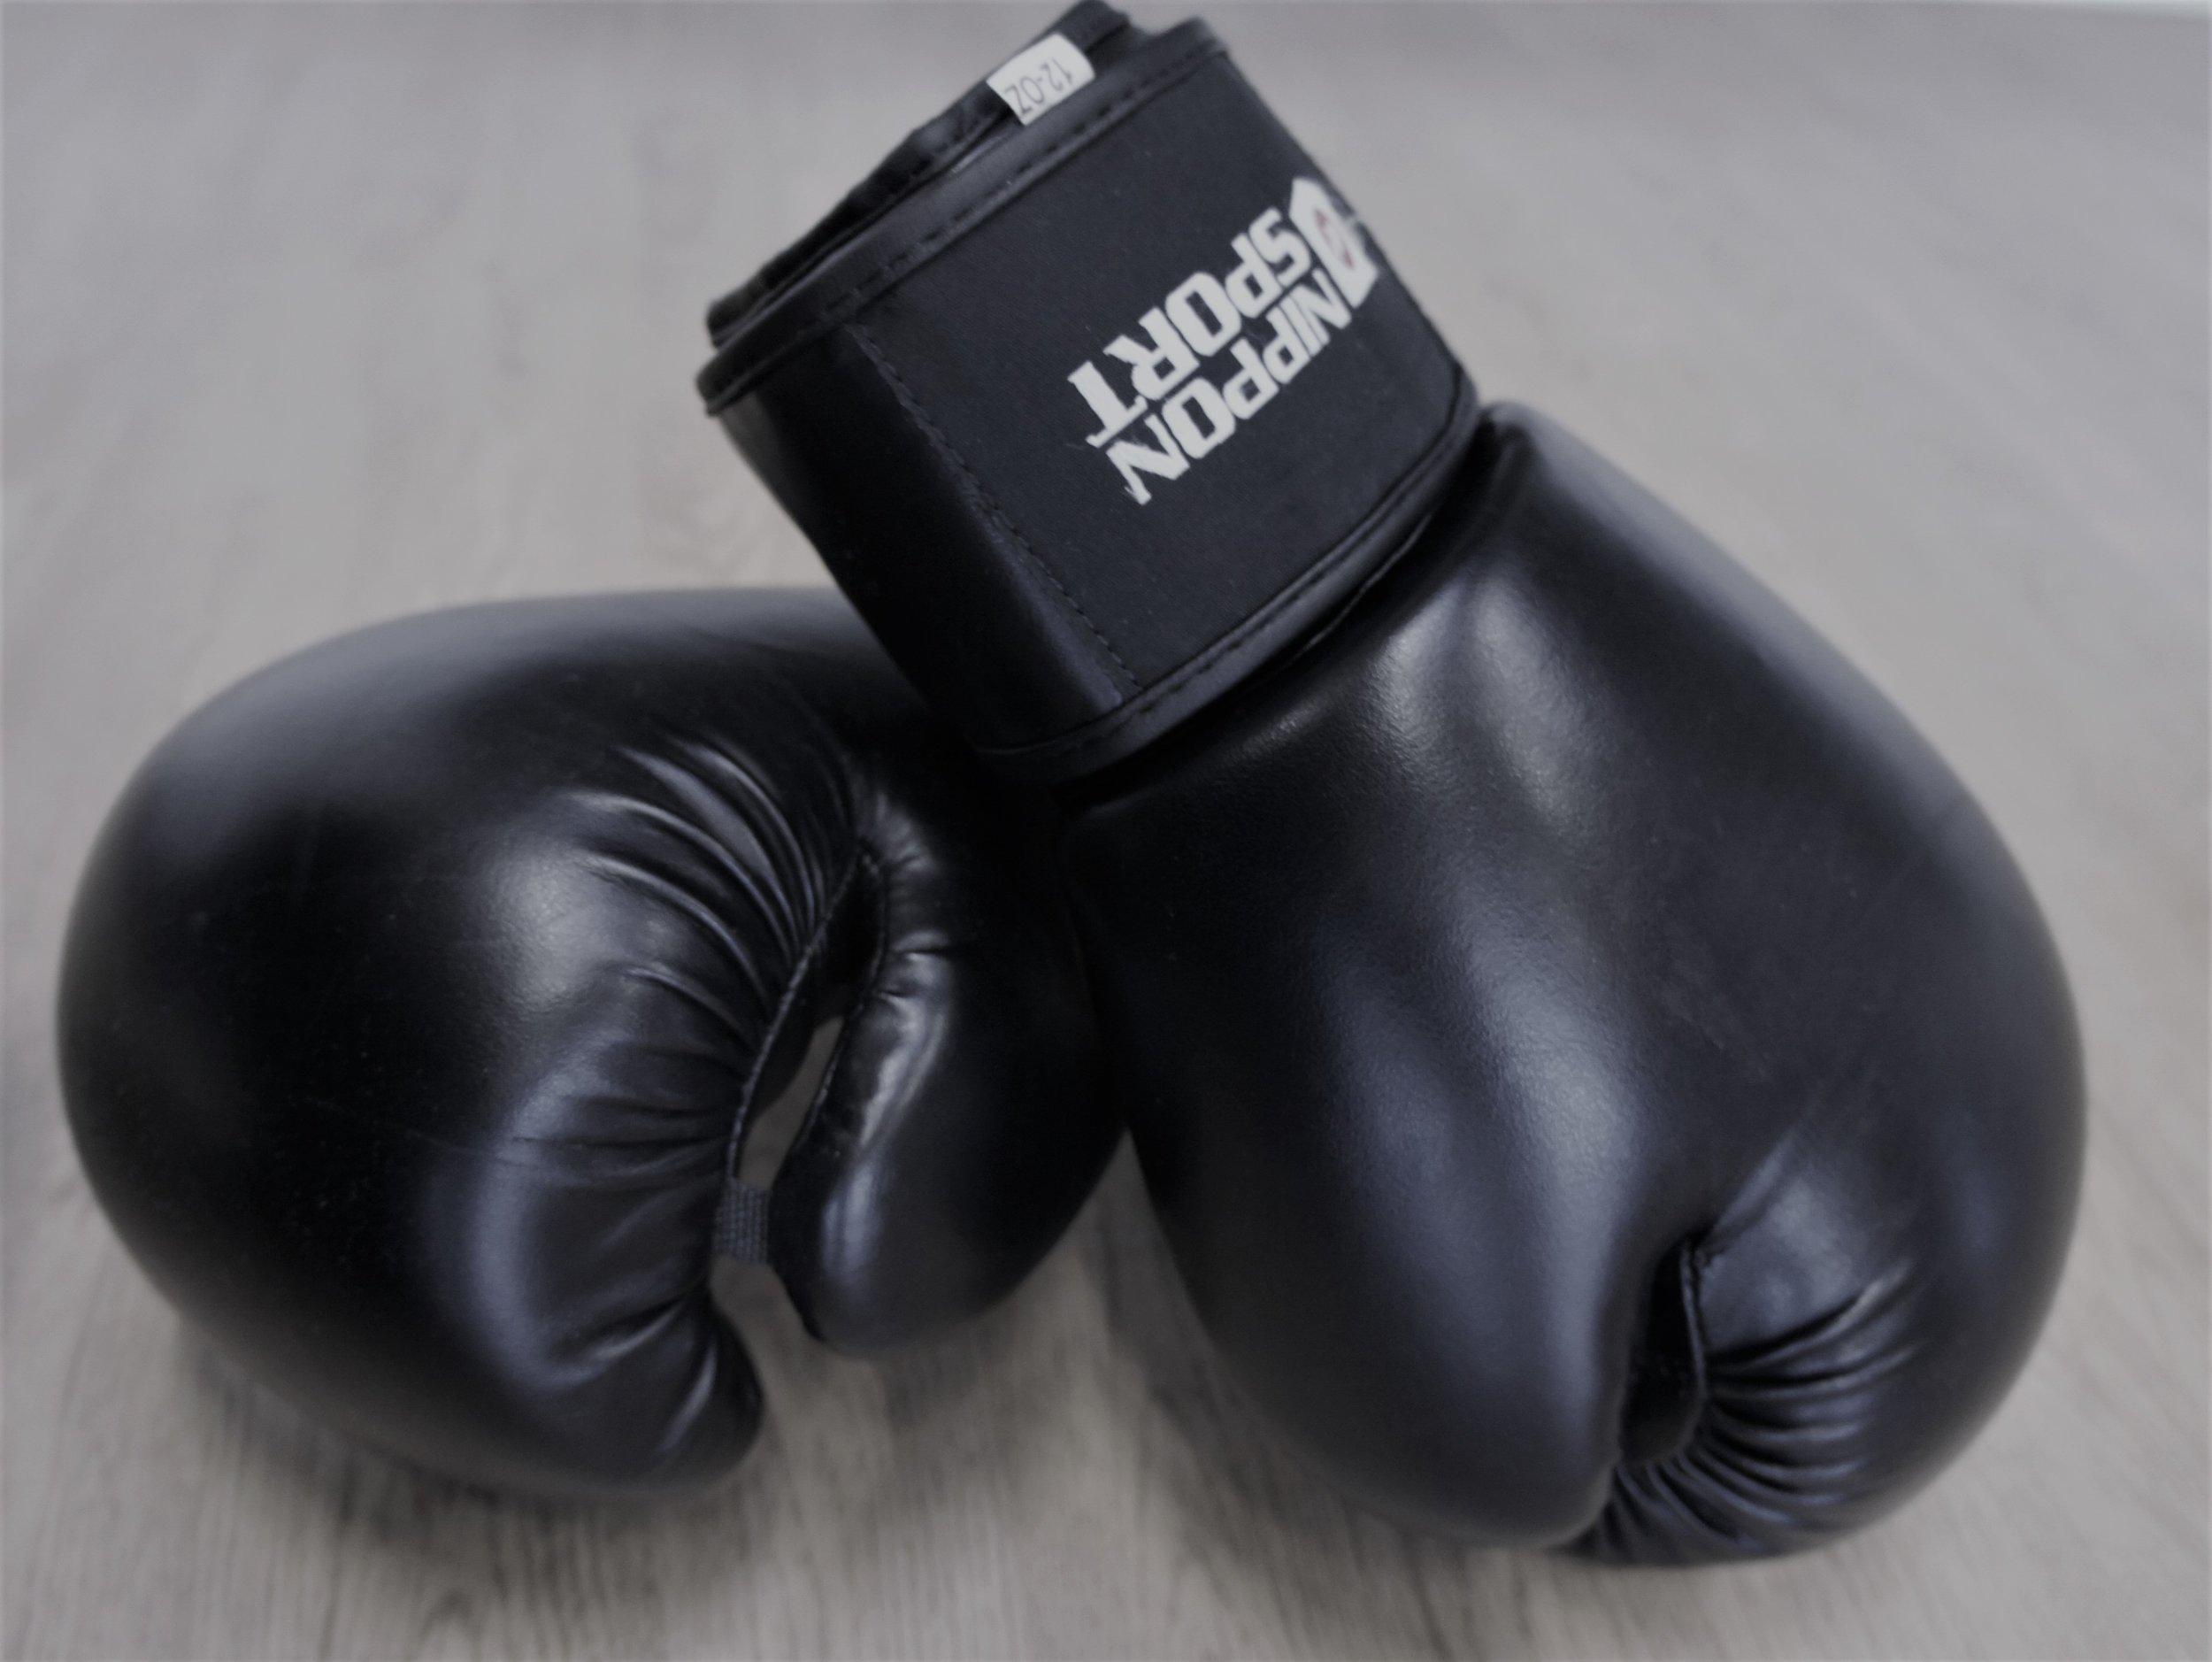 Boksning med Ann-Jeanett - På mit bokse hold får du pulsen i vejret ved hjælp af øvelser taget fra bokseverdenen. Vi slår ikke på hinanden, men fokuserer på en alsidig boksetræning, som indeholder elementer af kontidions, kredsløbs- og styrketræning, hvor man blandt andet benytter sandsæk til at opnå en hård cardiotræning. Hvis du ønsker at tabe dig eller komme i form uden at bokse kampe, er dette måske holdet for dig. Boksetræning er hårdt på den fede måde, og jeg lover at du får sved på panden J. Det kræver ingen forudsætninger – udover en god kondition, et godt helbred og masser af vilje. Boksetræning giver dig masser af mental power – Vel mødt til en omgang sveddryppende, hård træning